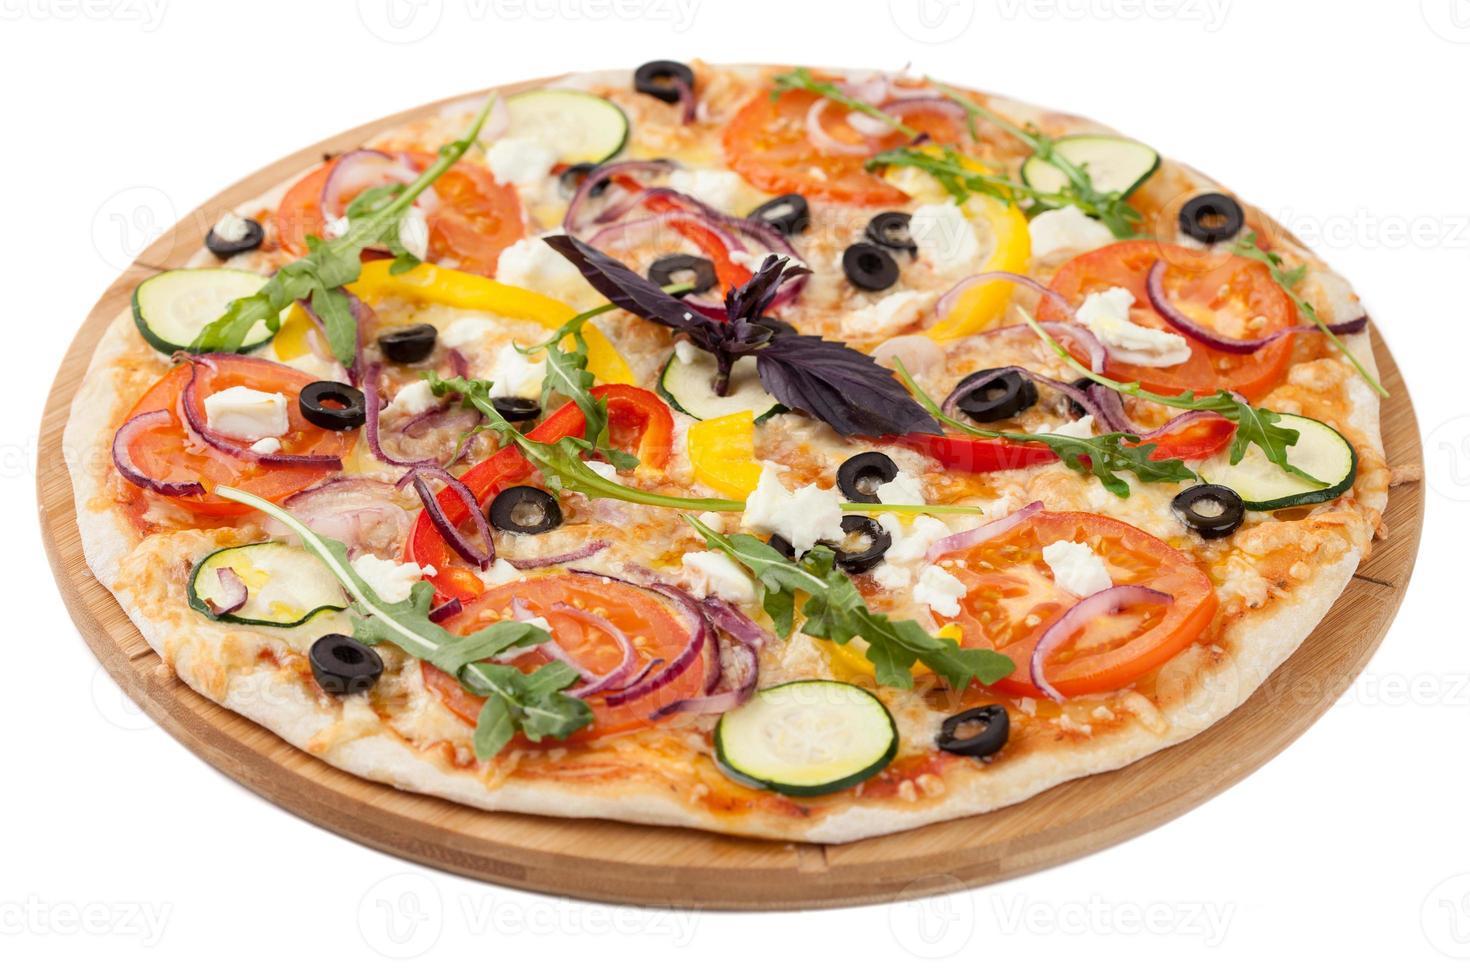 Pizza casera sobre fondo blanco. foto